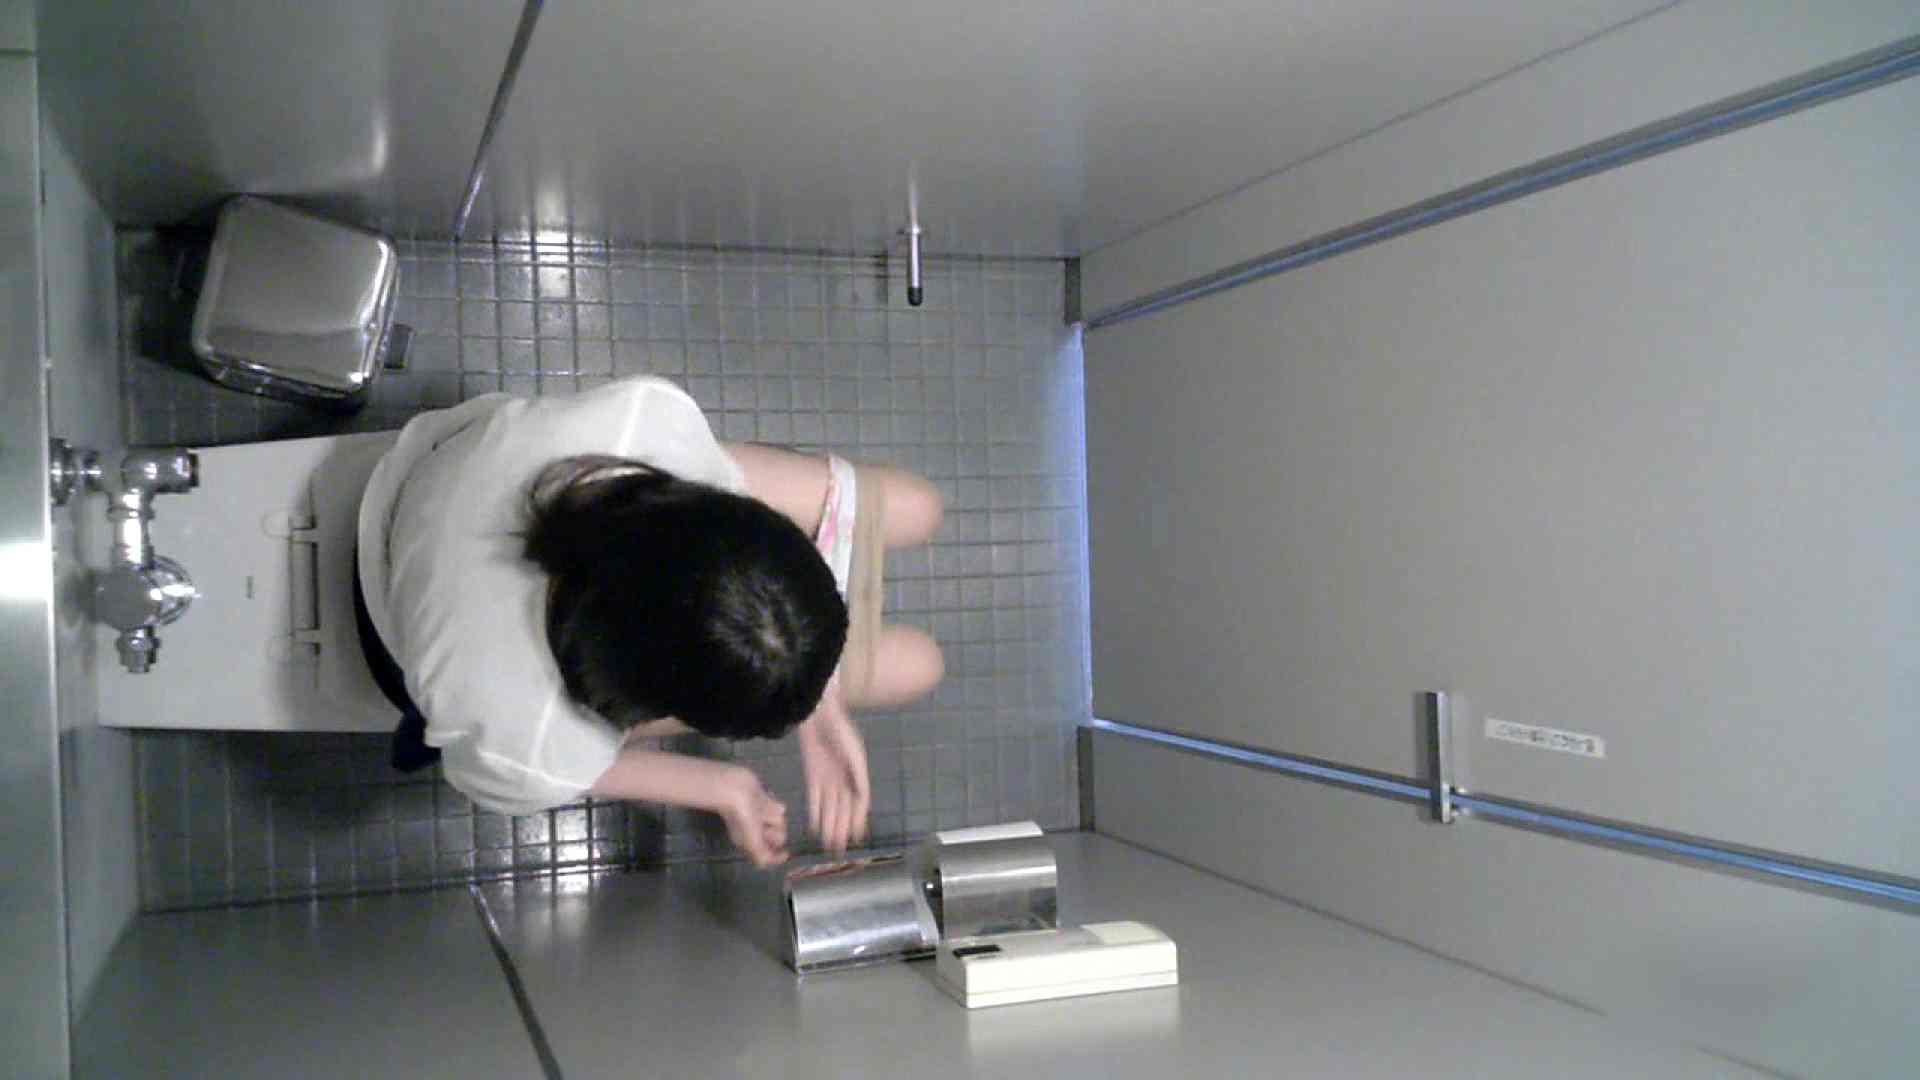 有名大学女性洗面所 vol.36 すっごい「ほじって」ます。 OLセックス 覗きぱこり動画紹介 84画像 17